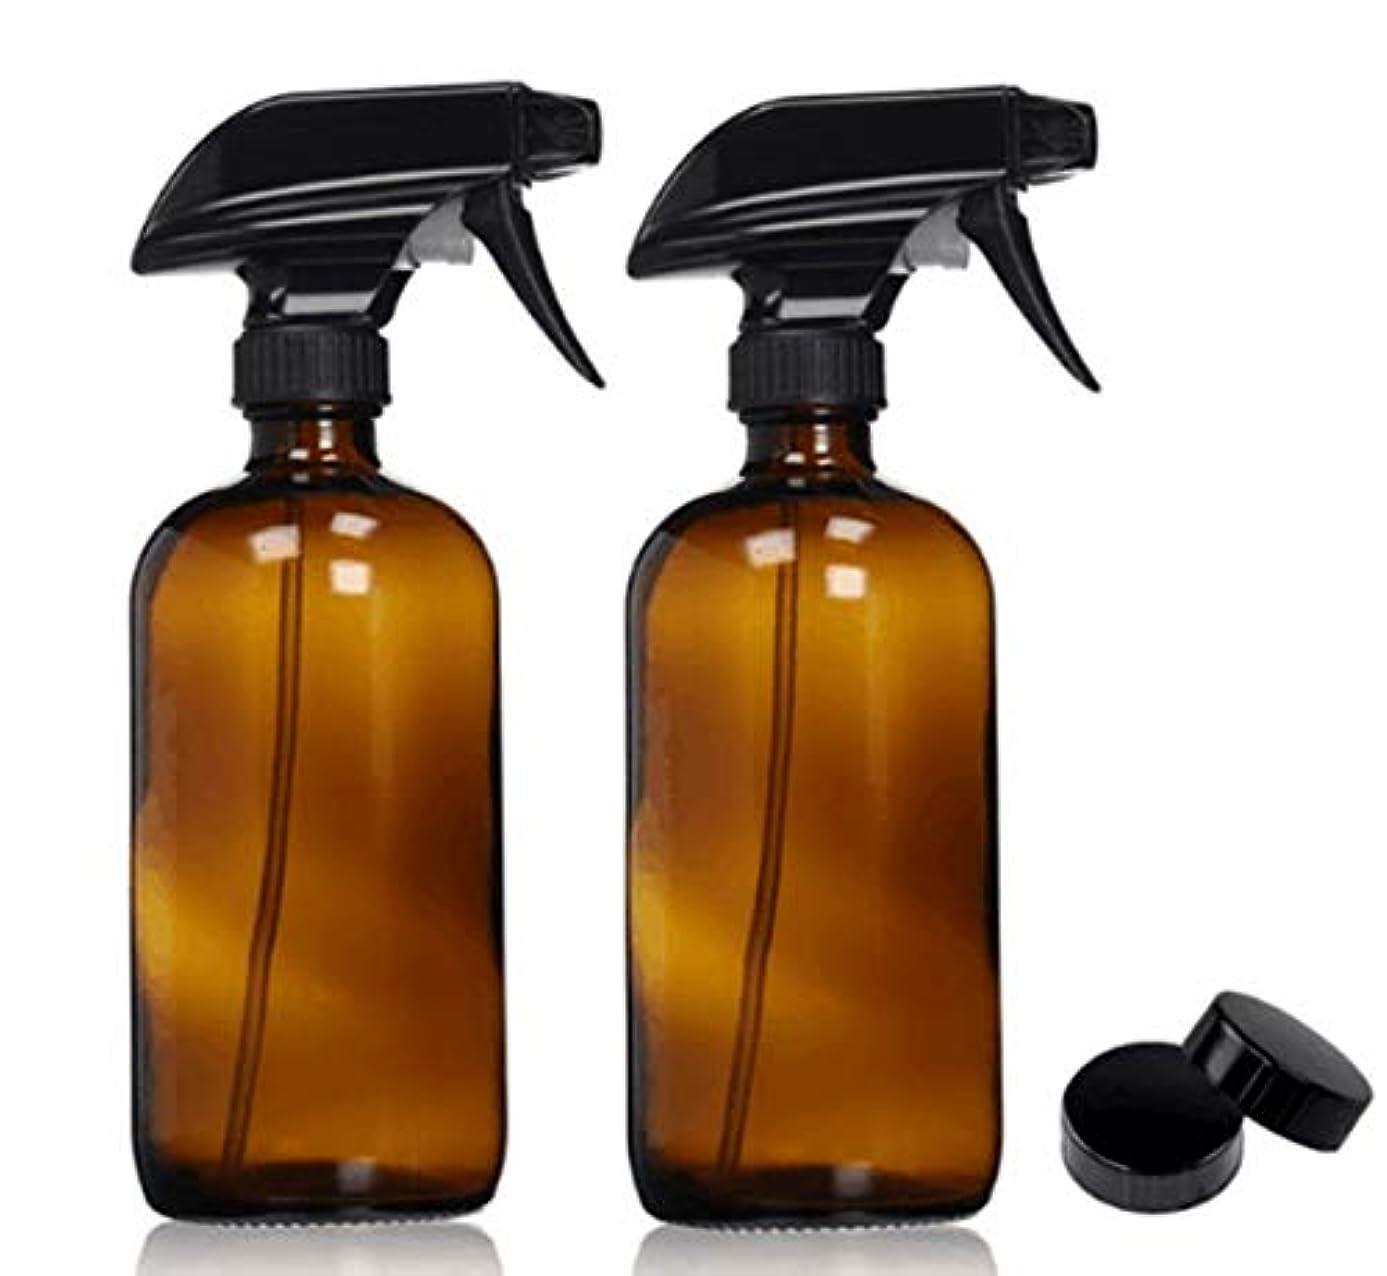 組み合わせお香回答MYHO スプレーボトル 4個セット 500ml 遮光スプレー ハンドスプレークリアボトル 霧吹き 細かいミスト 遮光 多機能 家庭用 保湿スプレー 植物水やり